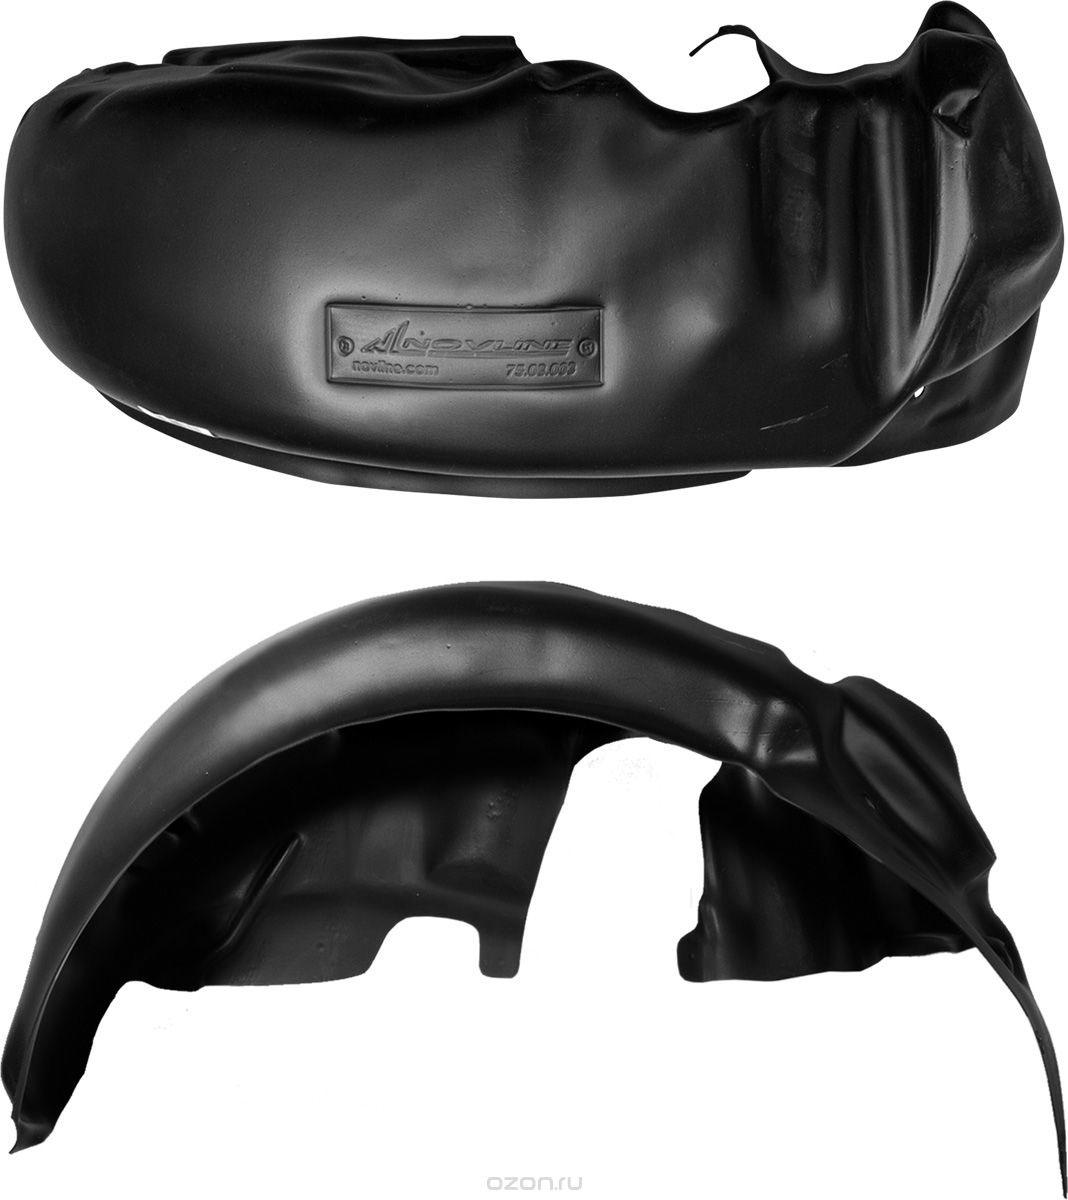 Подкрылок Novline-Autofamily, для Mitsubishi Colt 3D, 5D, 10/2009->, передний левый. NNL.35.21.001NLL.35.21.001Идеальная защита колесной ниши. Локеры разработаны с применением цифровых технологий, гарантируют максимальную повторяемость поверхности арки. Изделия устанавливаются без нарушения лакокрасочного покрытия автомобиля, каждый подкрылок комплектуется крепежом. Уважаемые клиенты, обращаем ваше внимание, что фотографии на подкрылки универсальные и не отражают реальную форму изделия. При этом само изделие идет точно под размер указанного автомобиля.